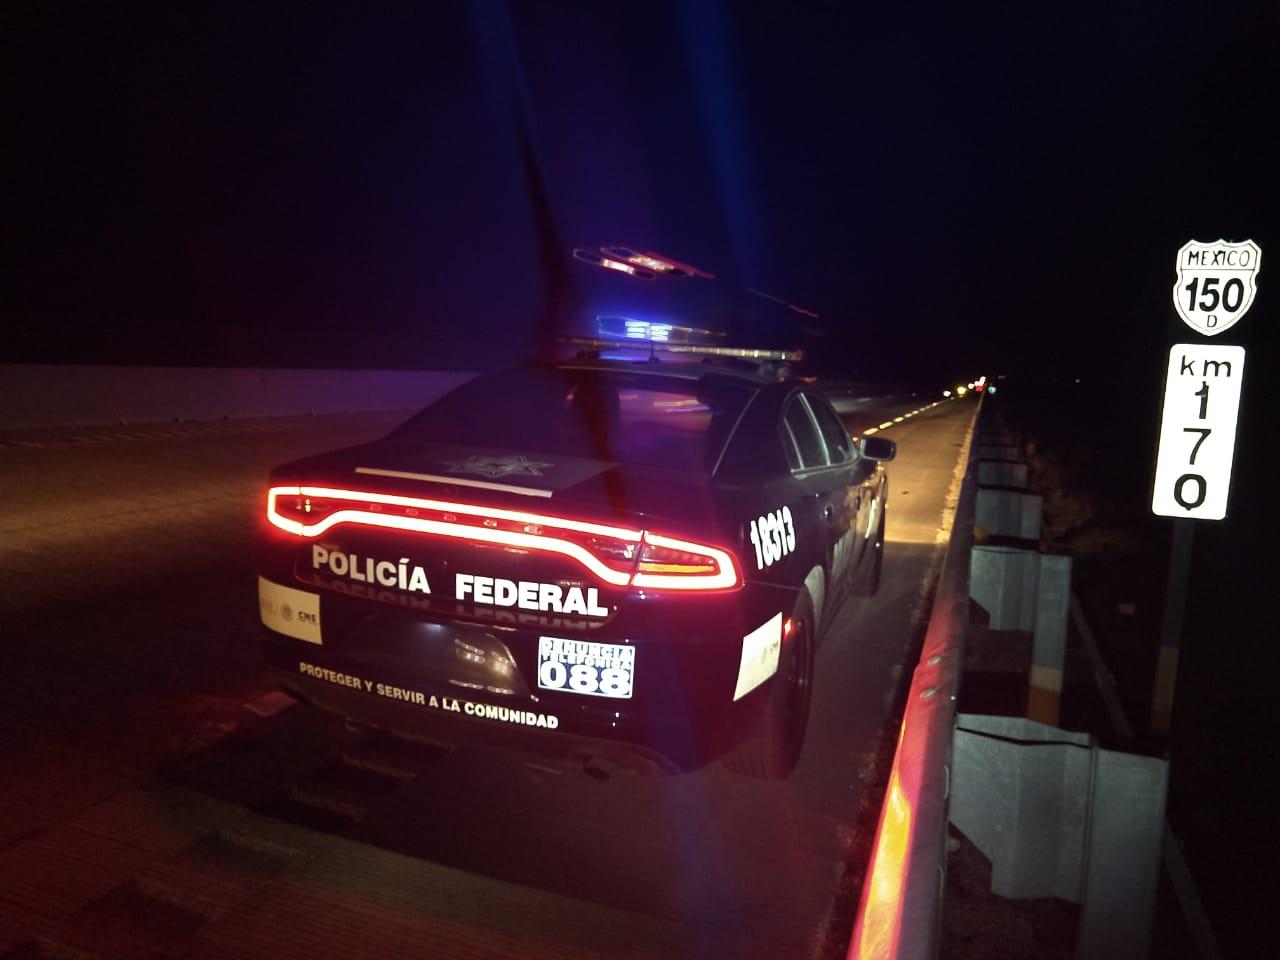 Ladrones balean a Federales en la Puebla-Orizaba